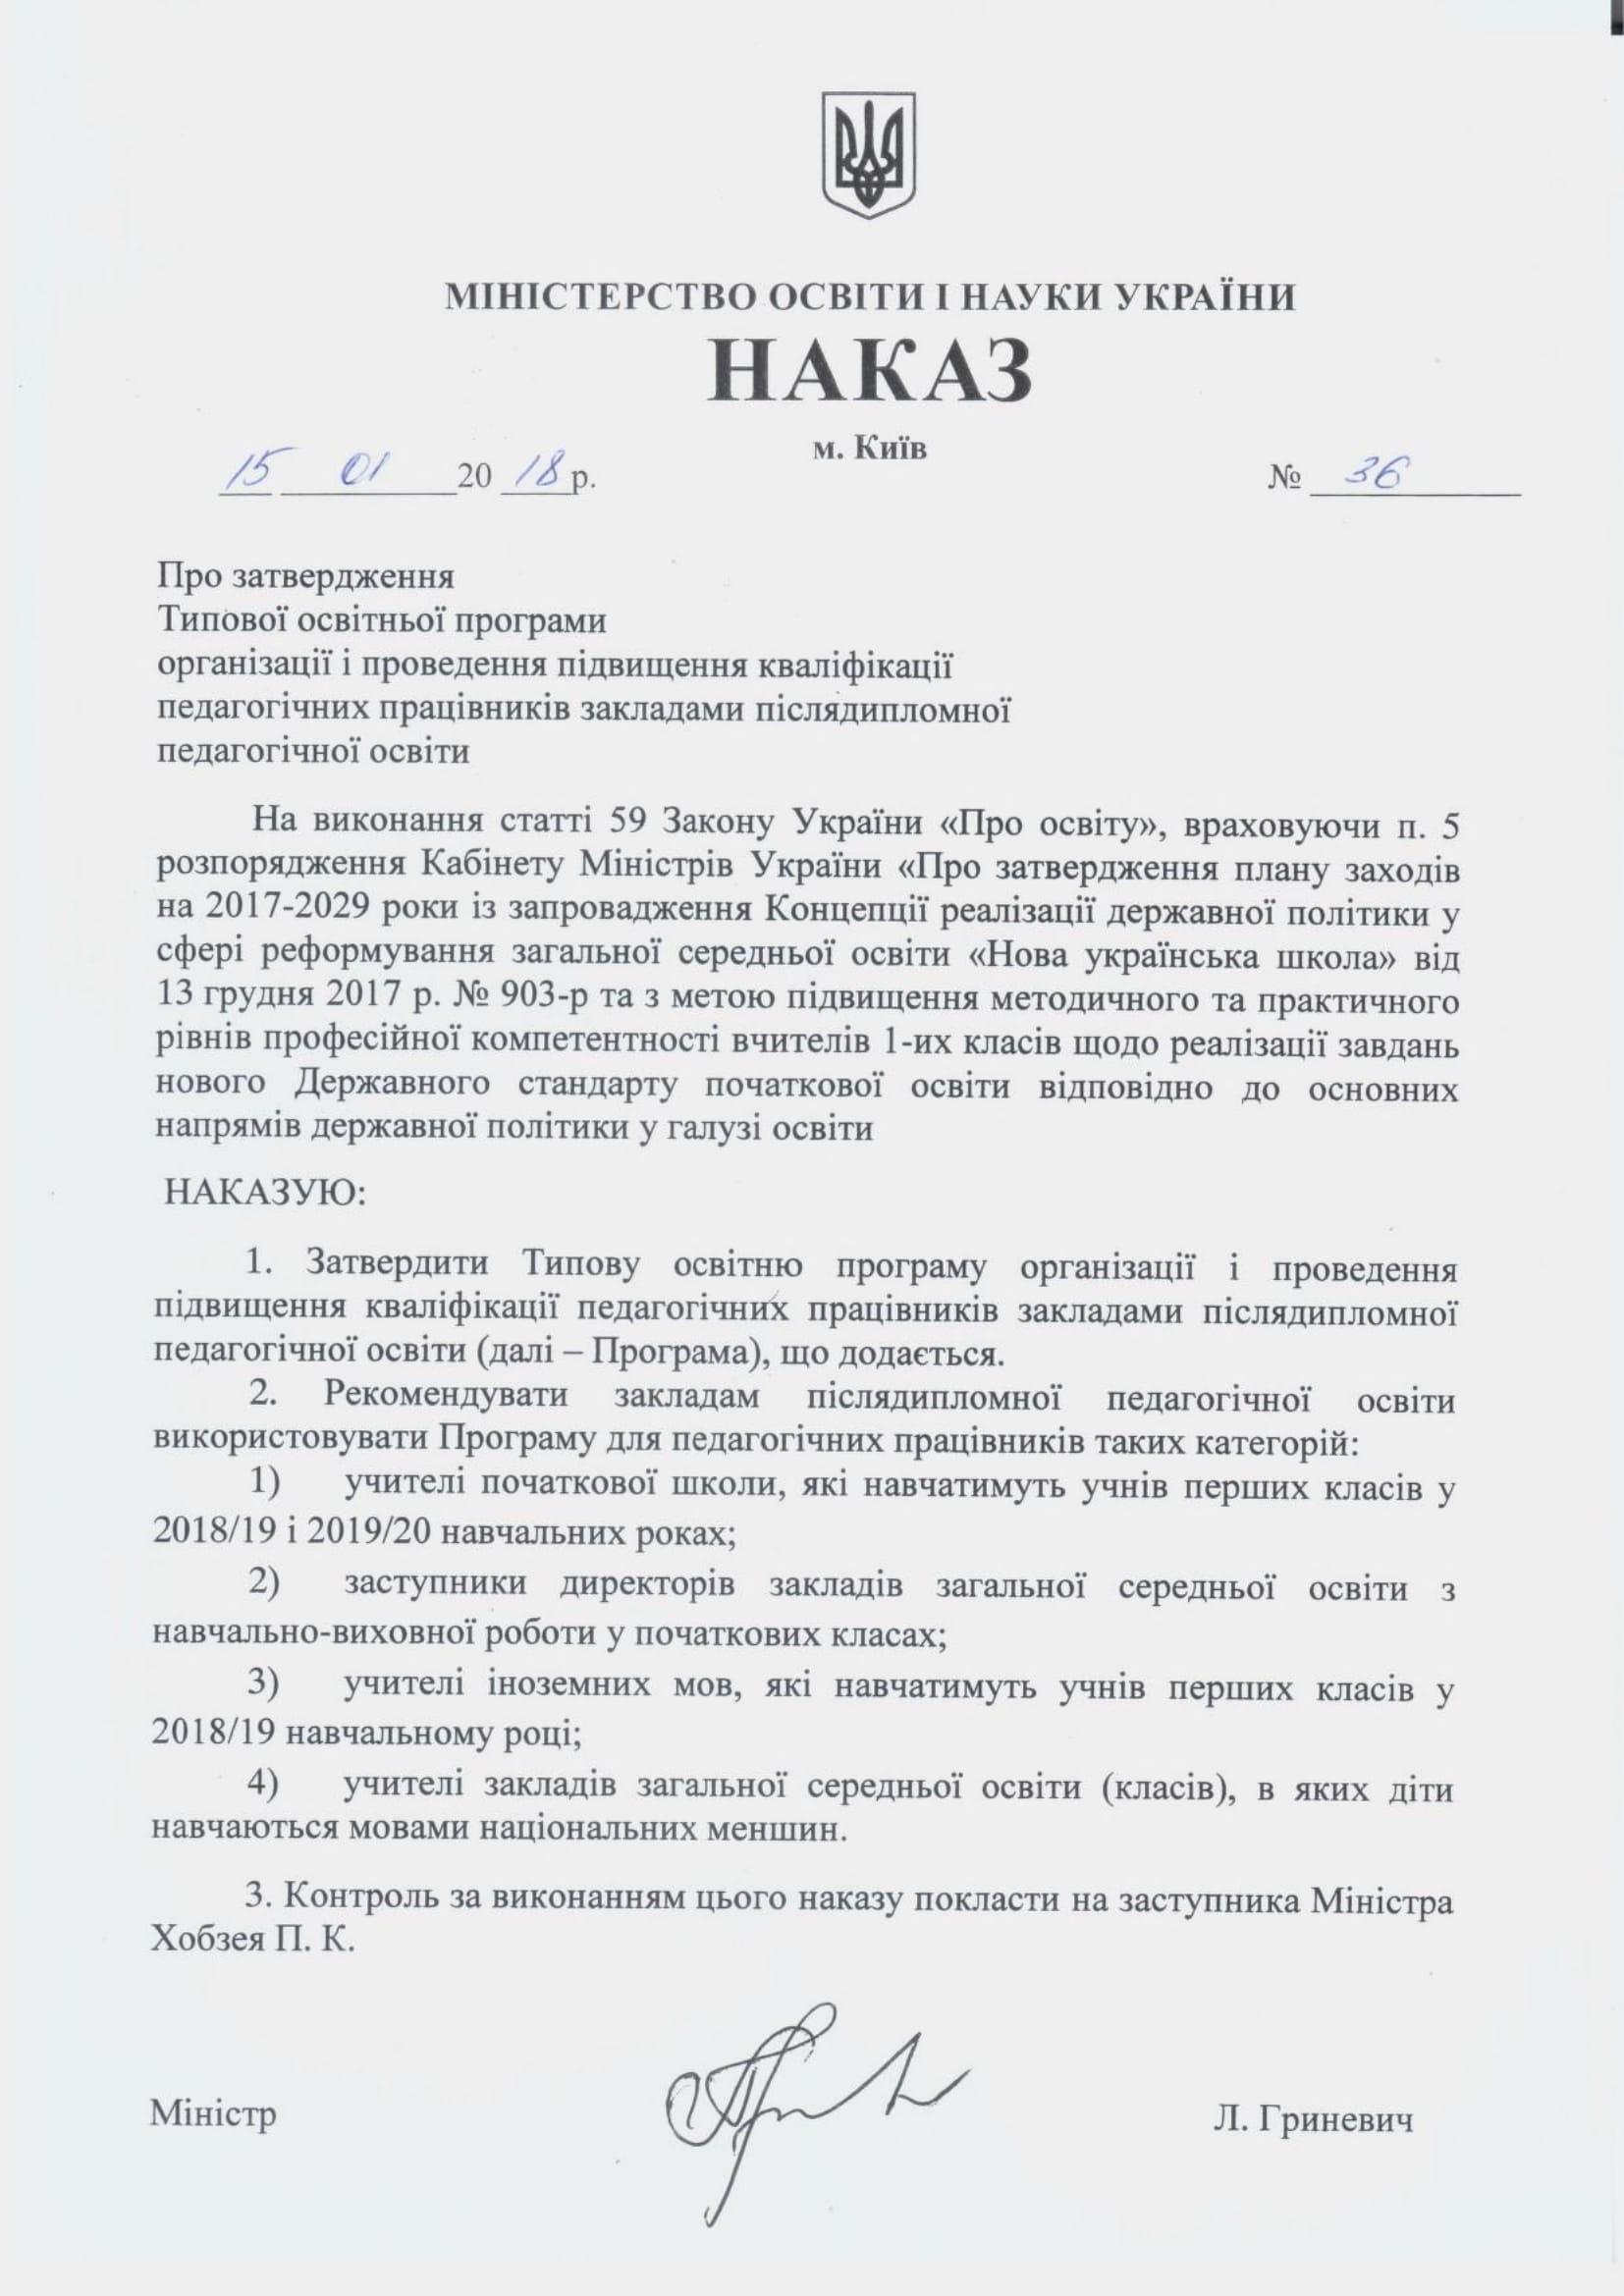 Наказ МОН №36 від 15.01.18